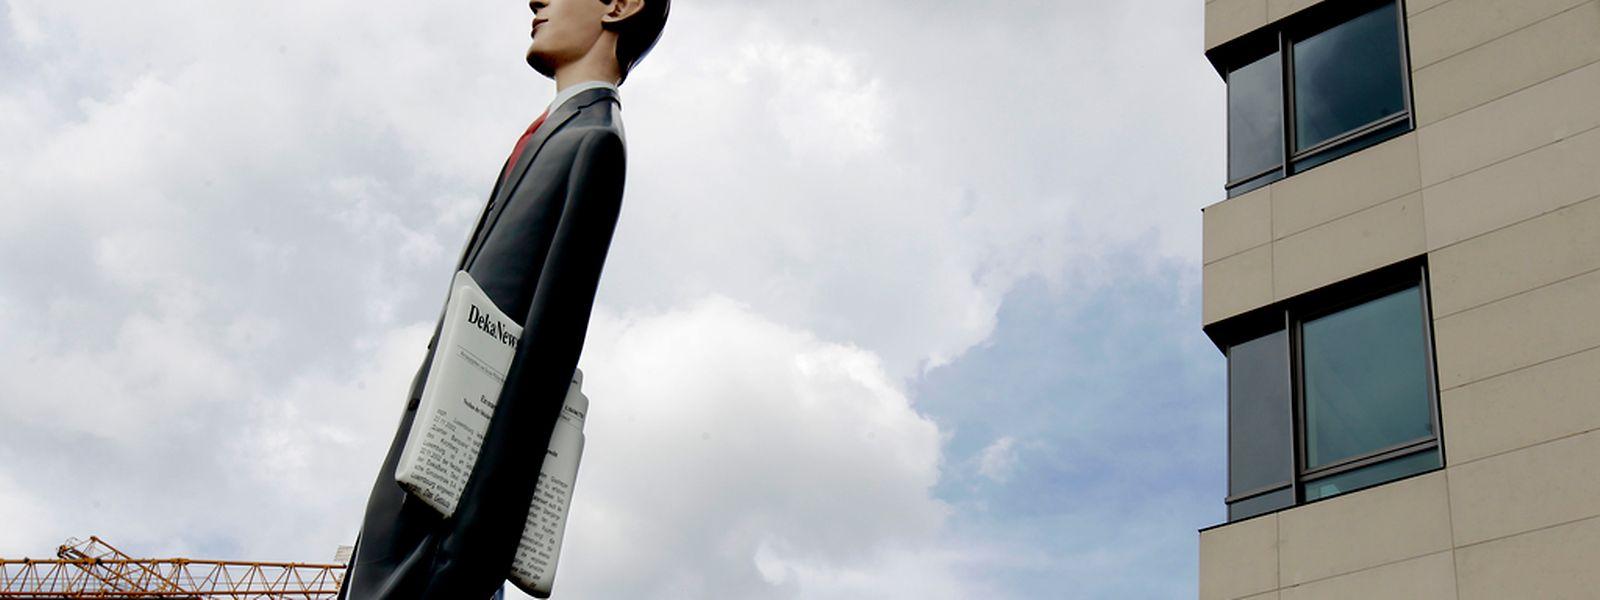 Die Perspektiven für den Finanzplatz Luxemburg seien stabil, schreibt die Ratingagentur Fitch.